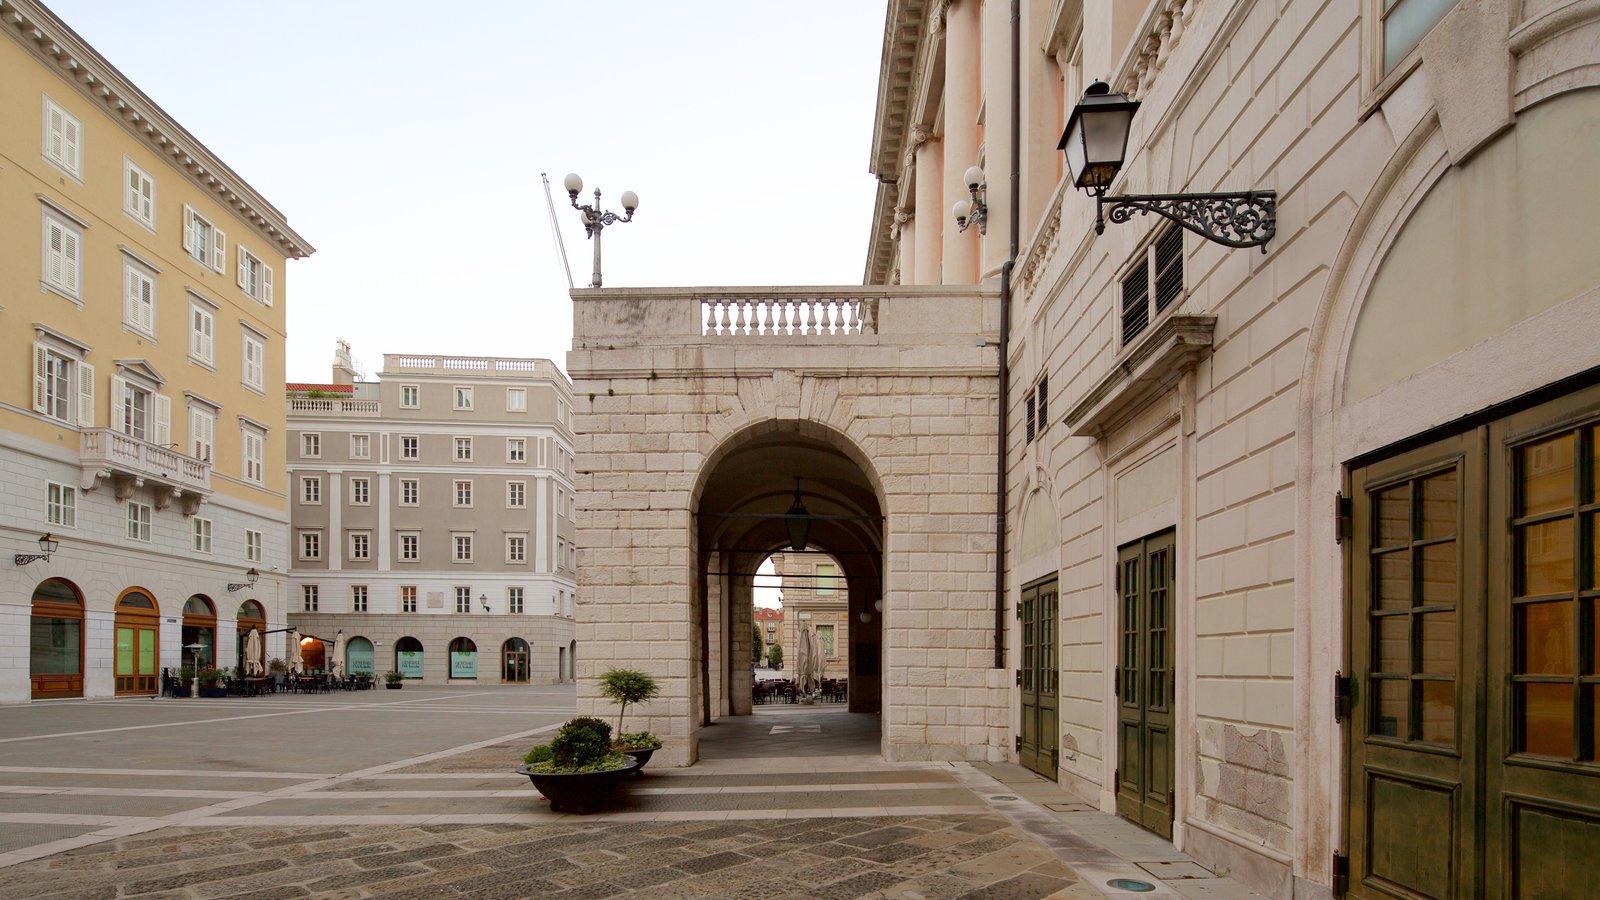 Teatro Lirico Giuseppe Verdi which includes heritage architecture